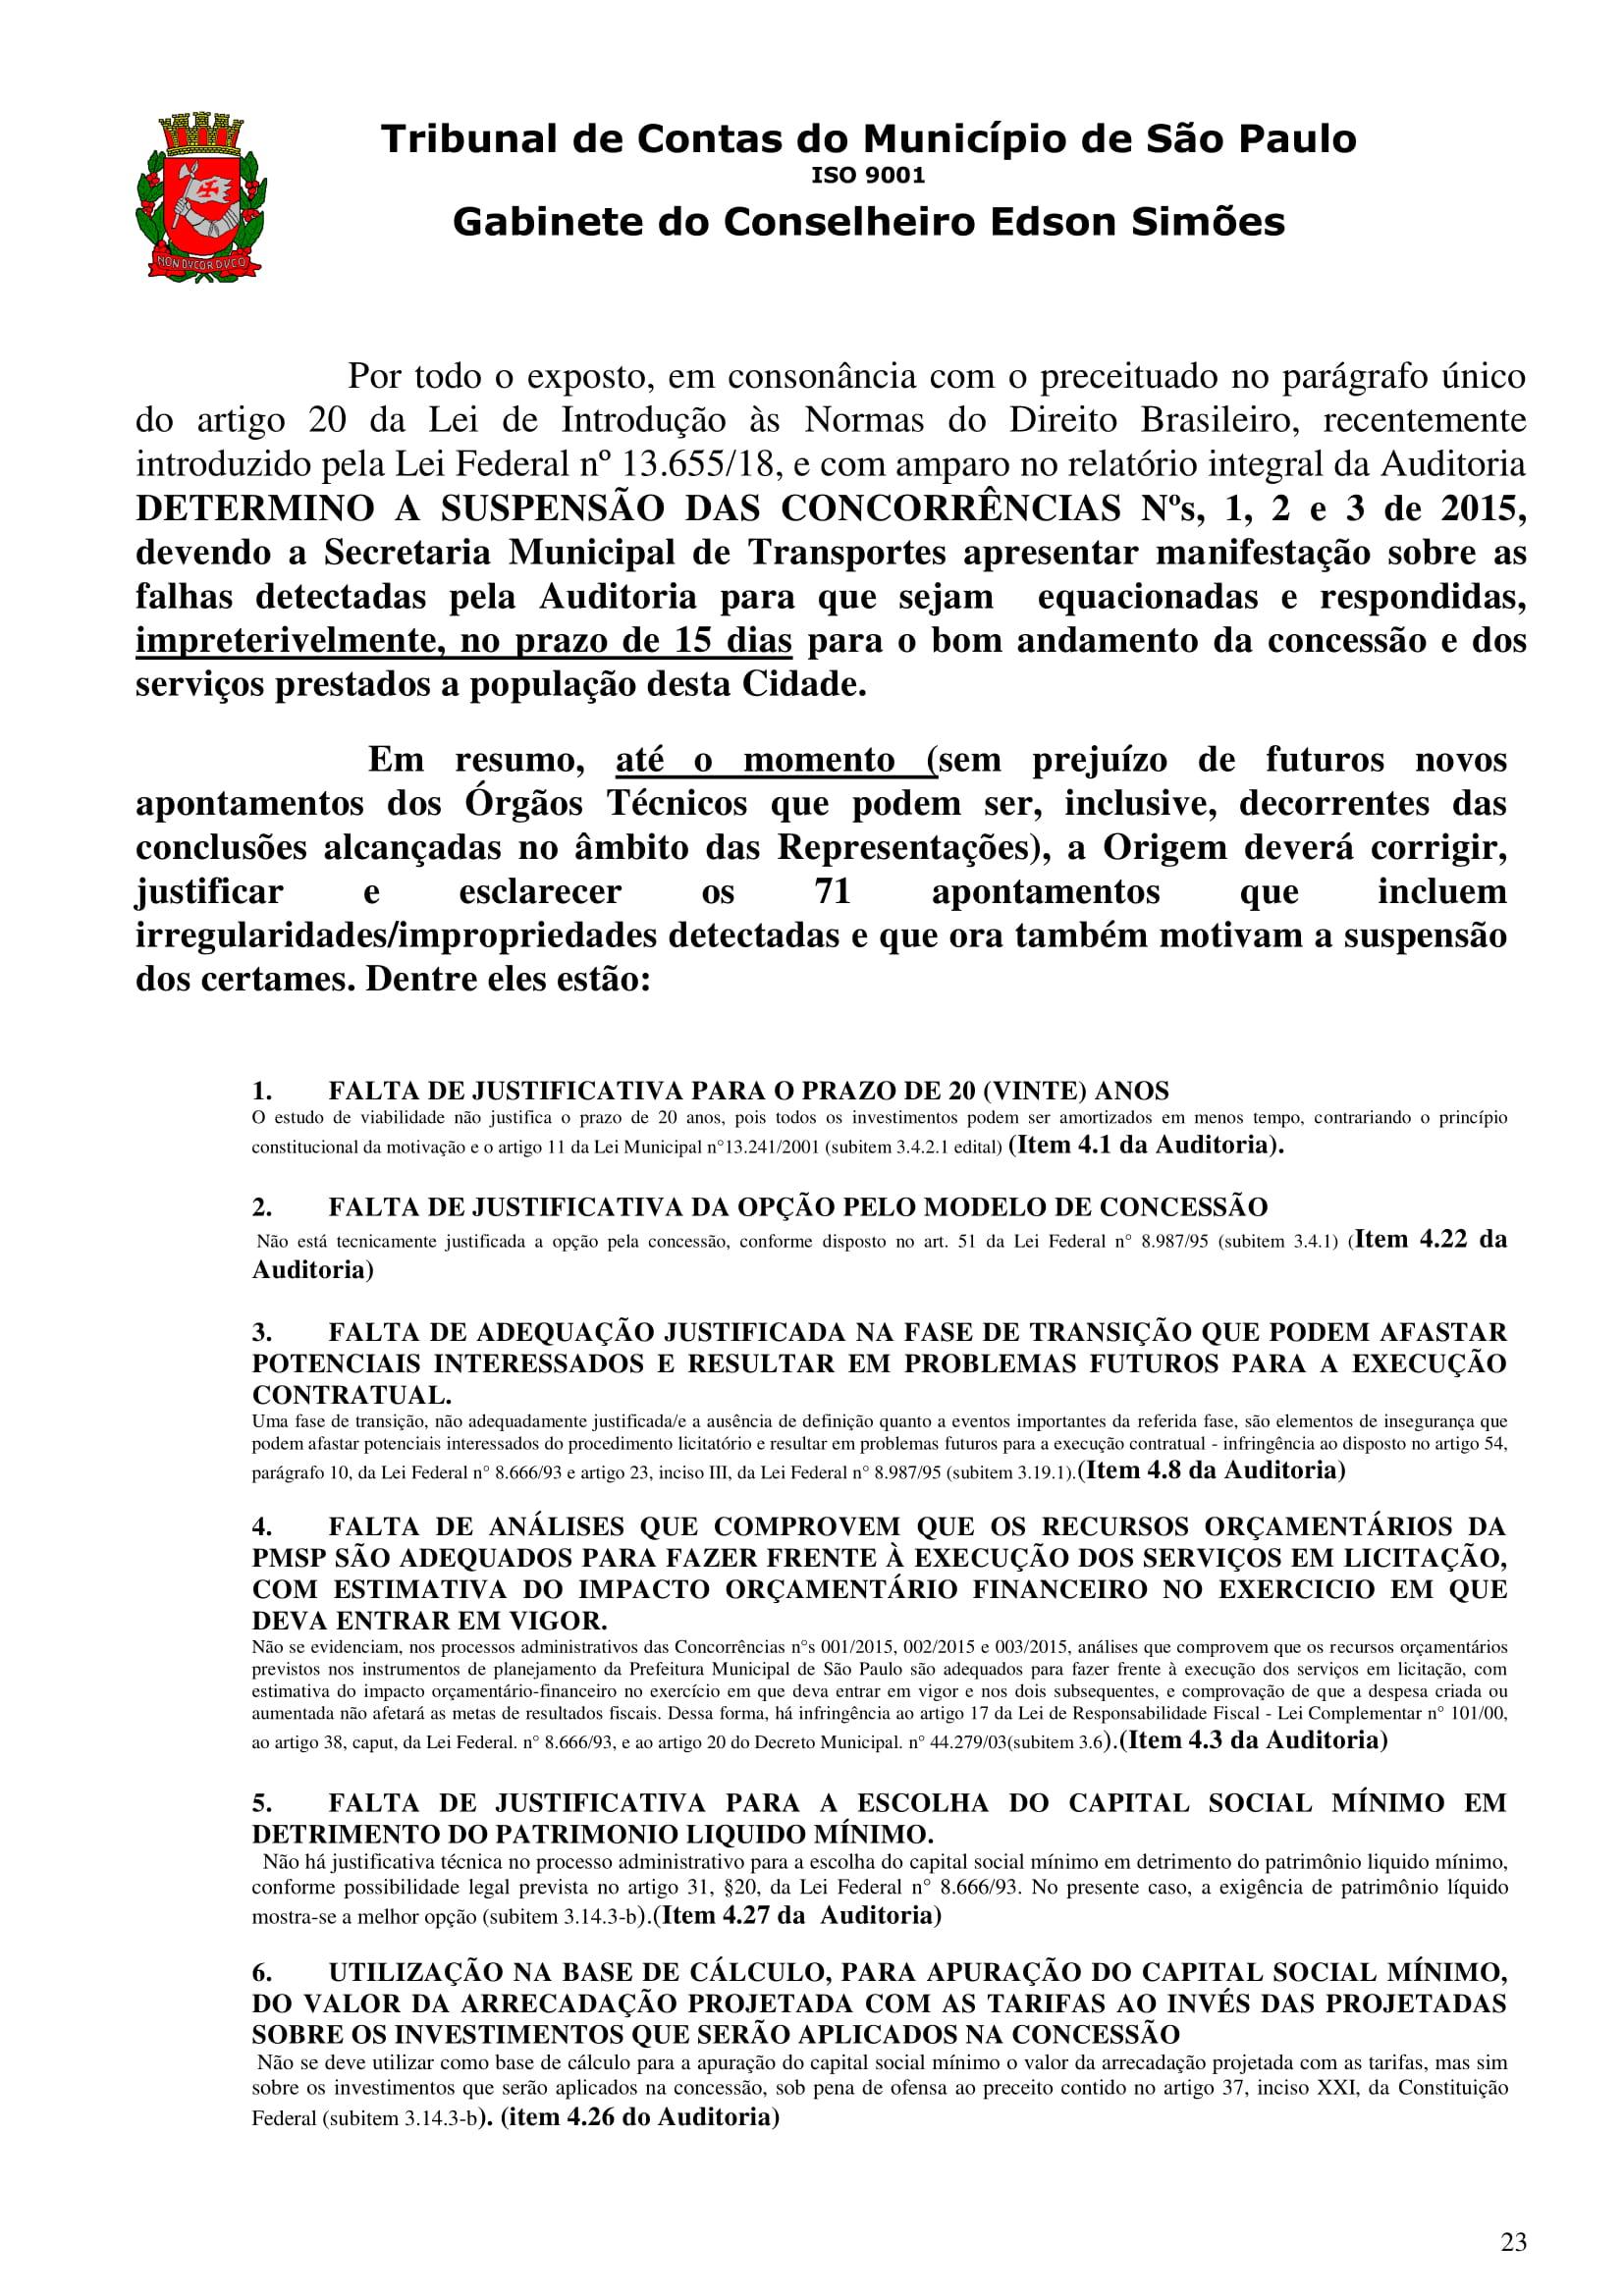 ofício-gb-2038-18 (Concessão Ônibus 2018) – SMT 08.08.18 – pdf-23